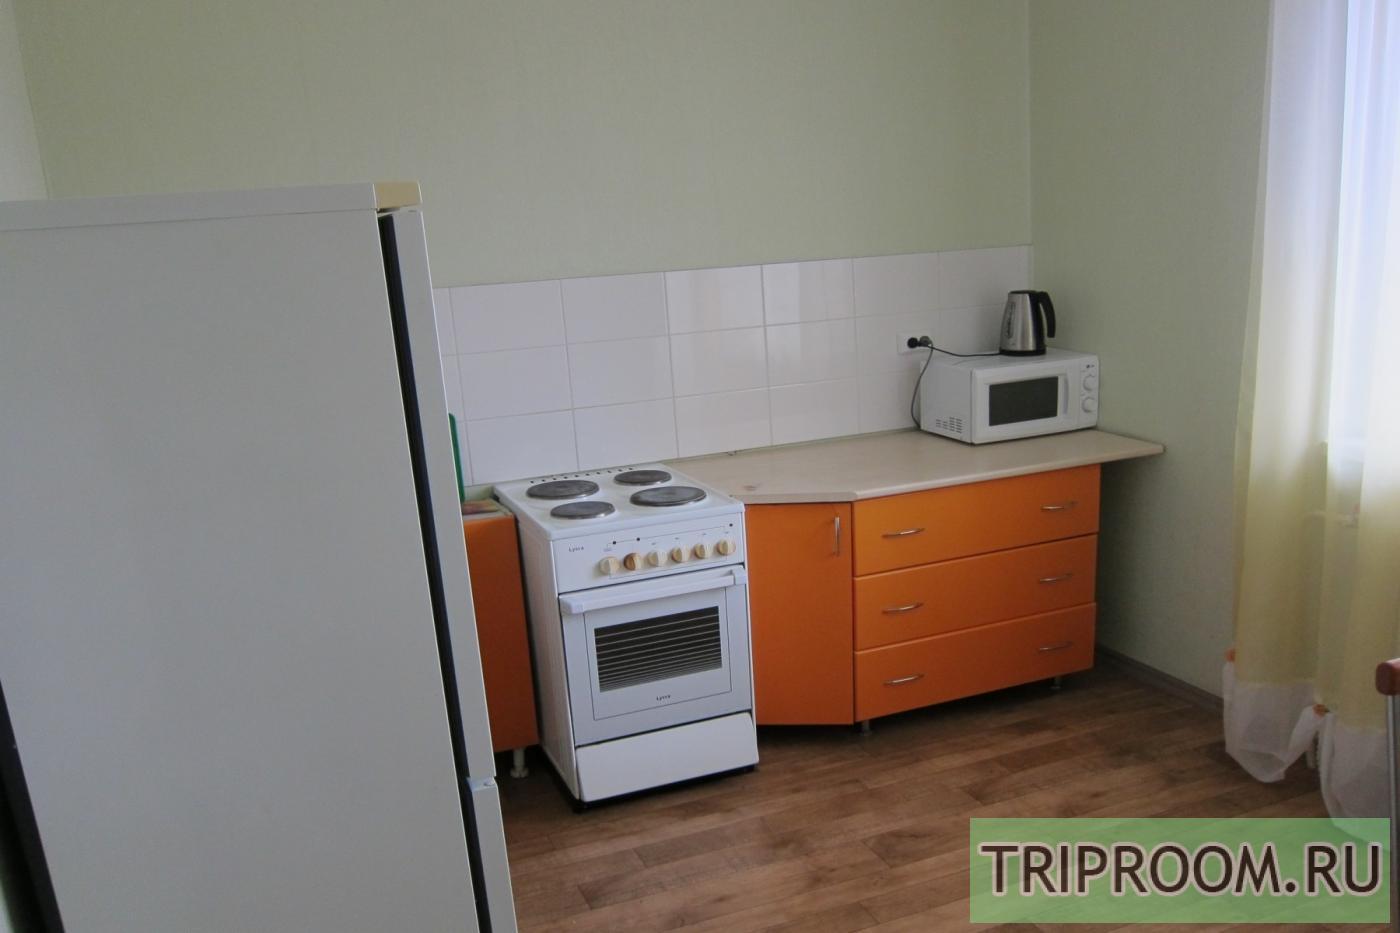 1-комнатная квартира посуточно (вариант № 21567), ул. Петра Смородина, фото № 3